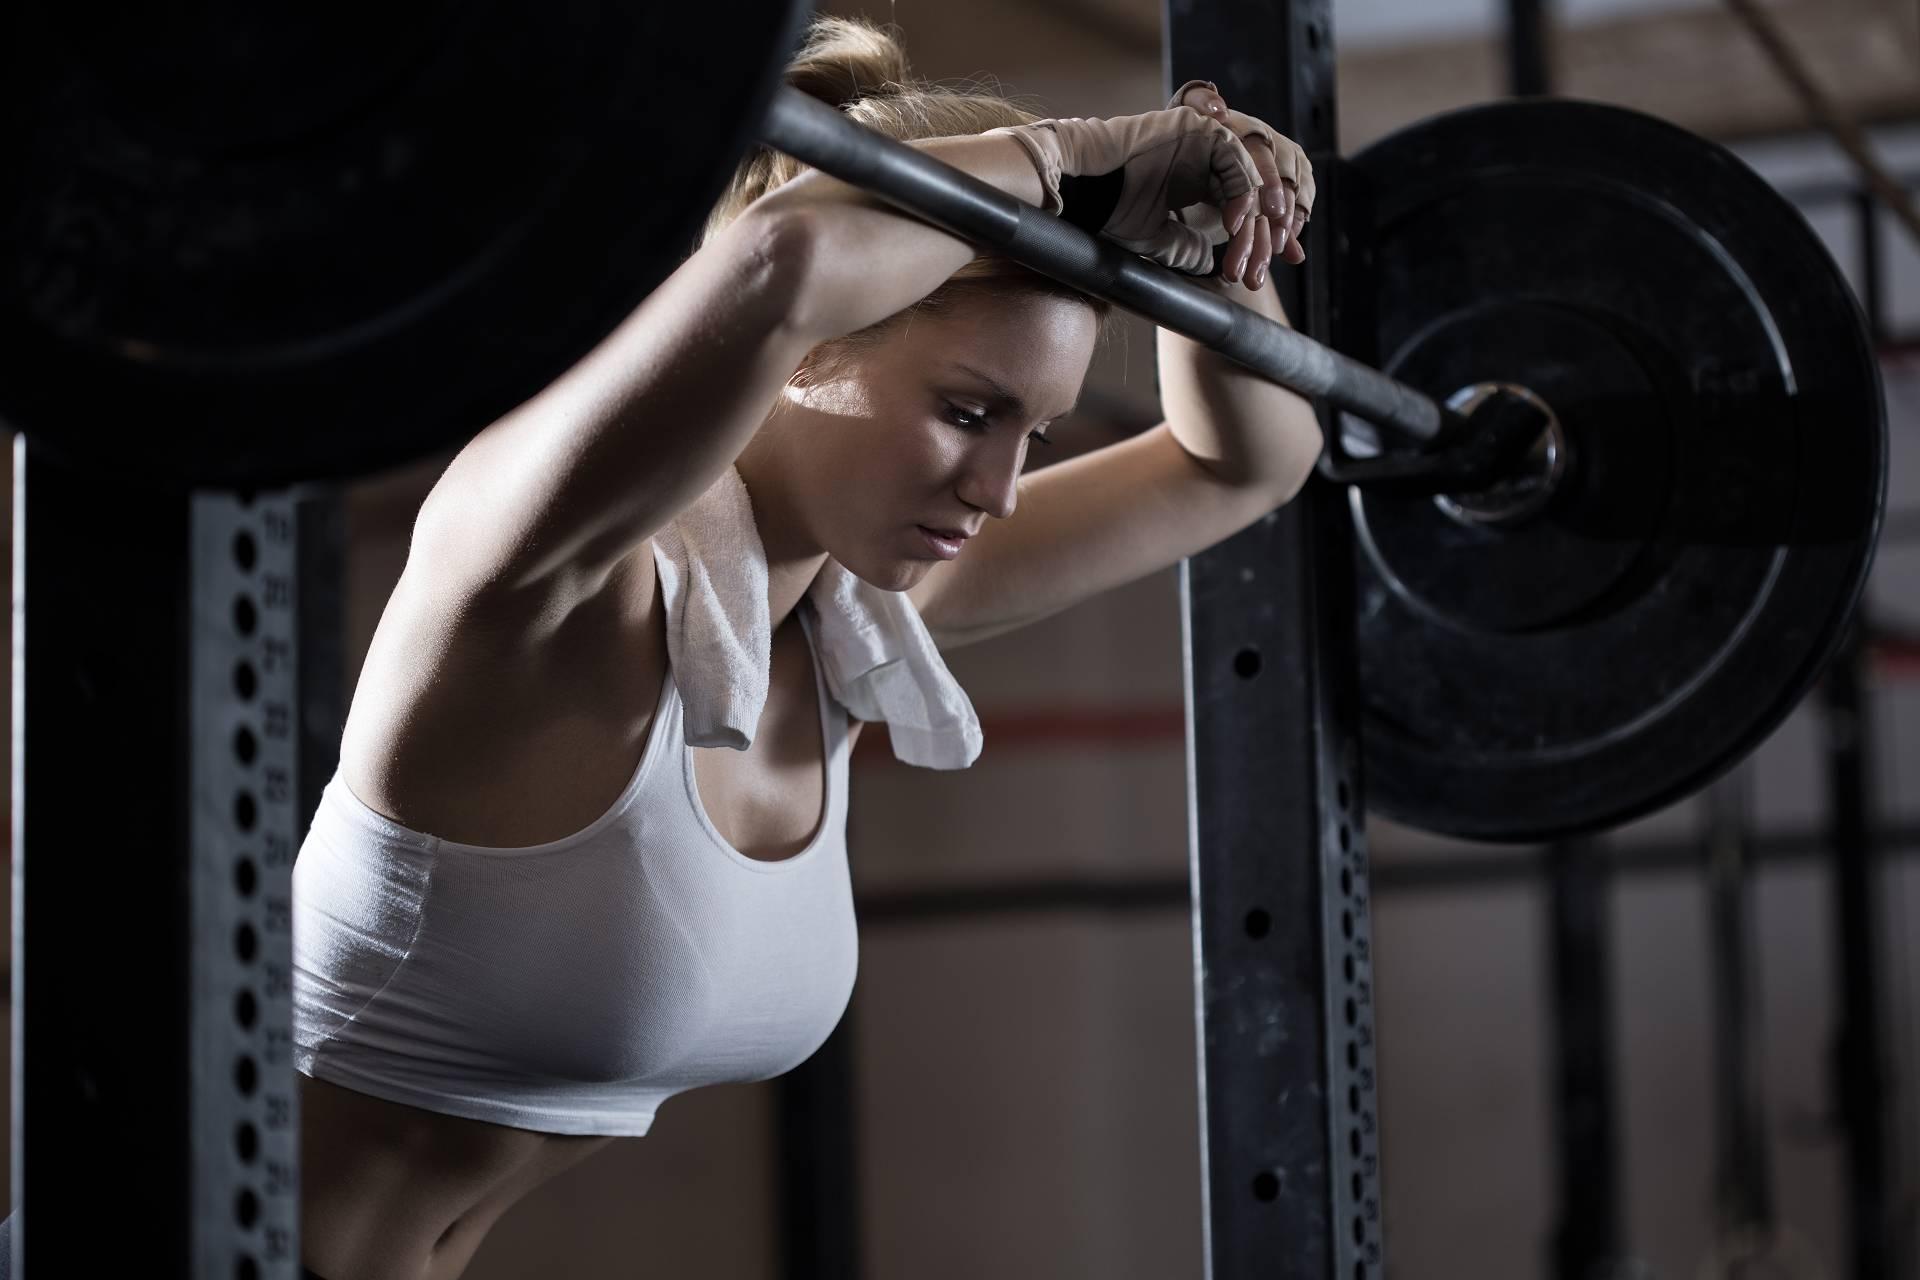 Ketogene Diät bei trainierten Frauen: Auswirkung einer kohlenhydratarmen Ernährung auf Kraft & Körperkomposition?